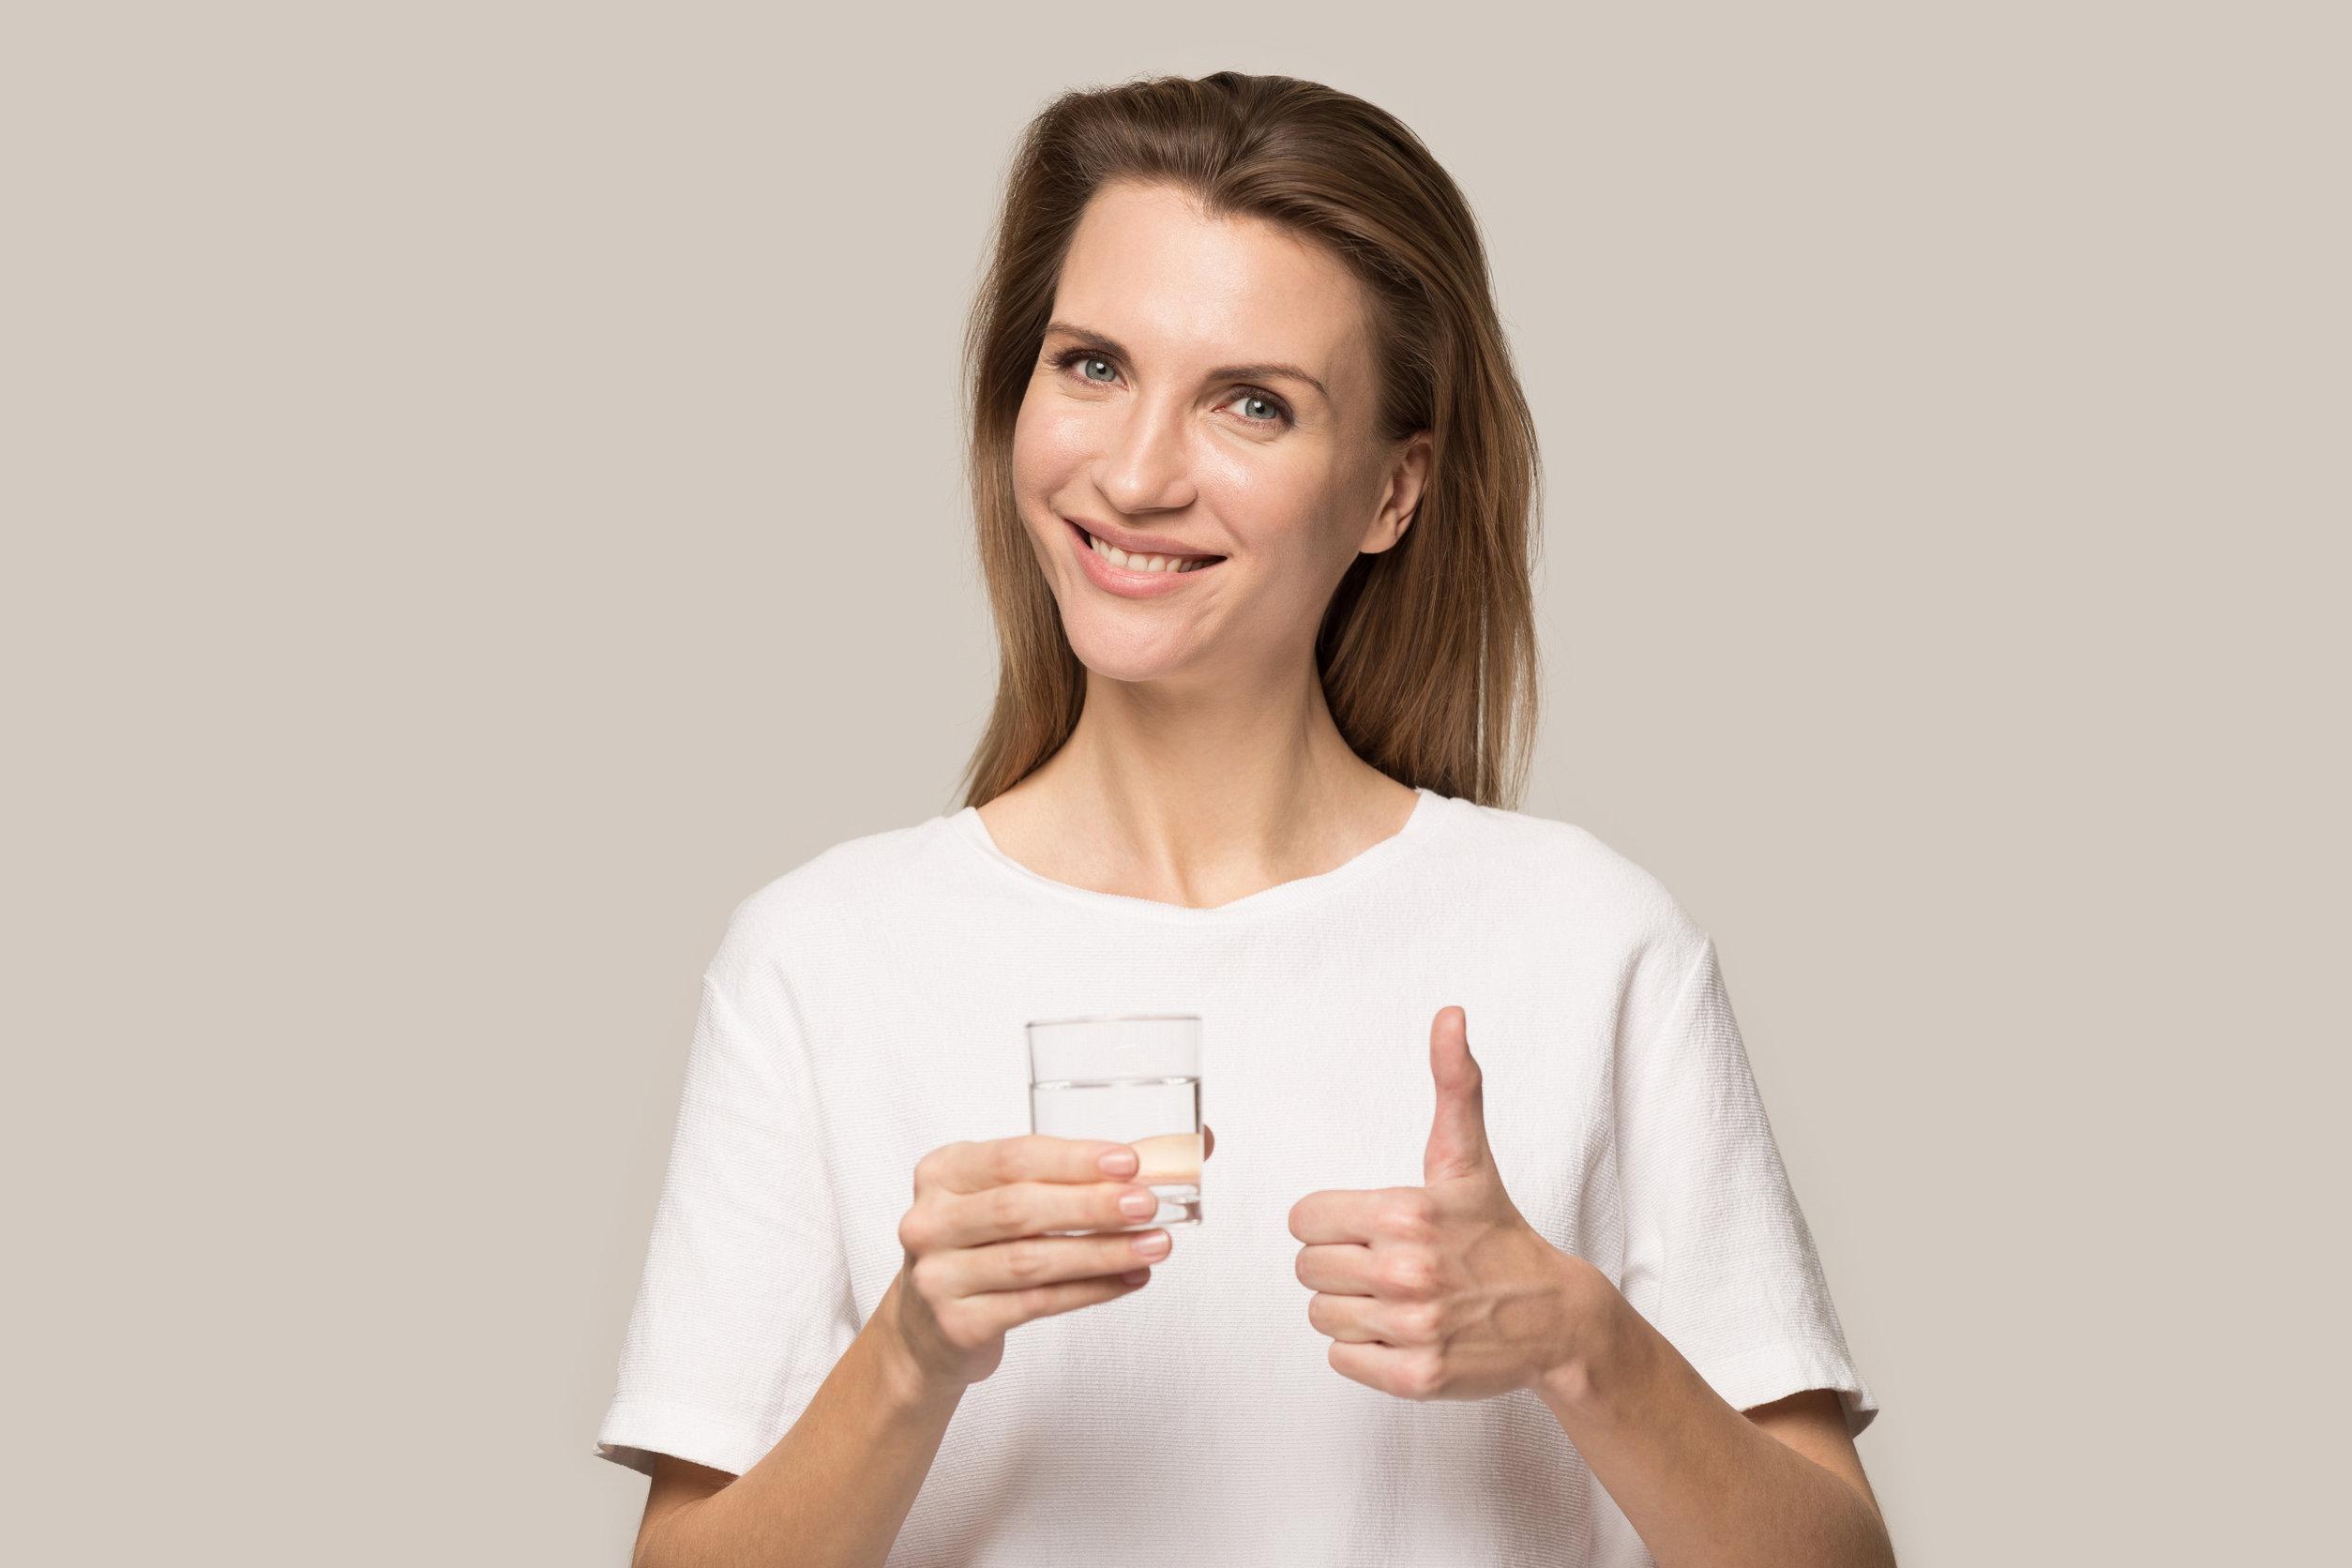 Miben segíthet az éhgyomorra fogyasztott ivóvíz?